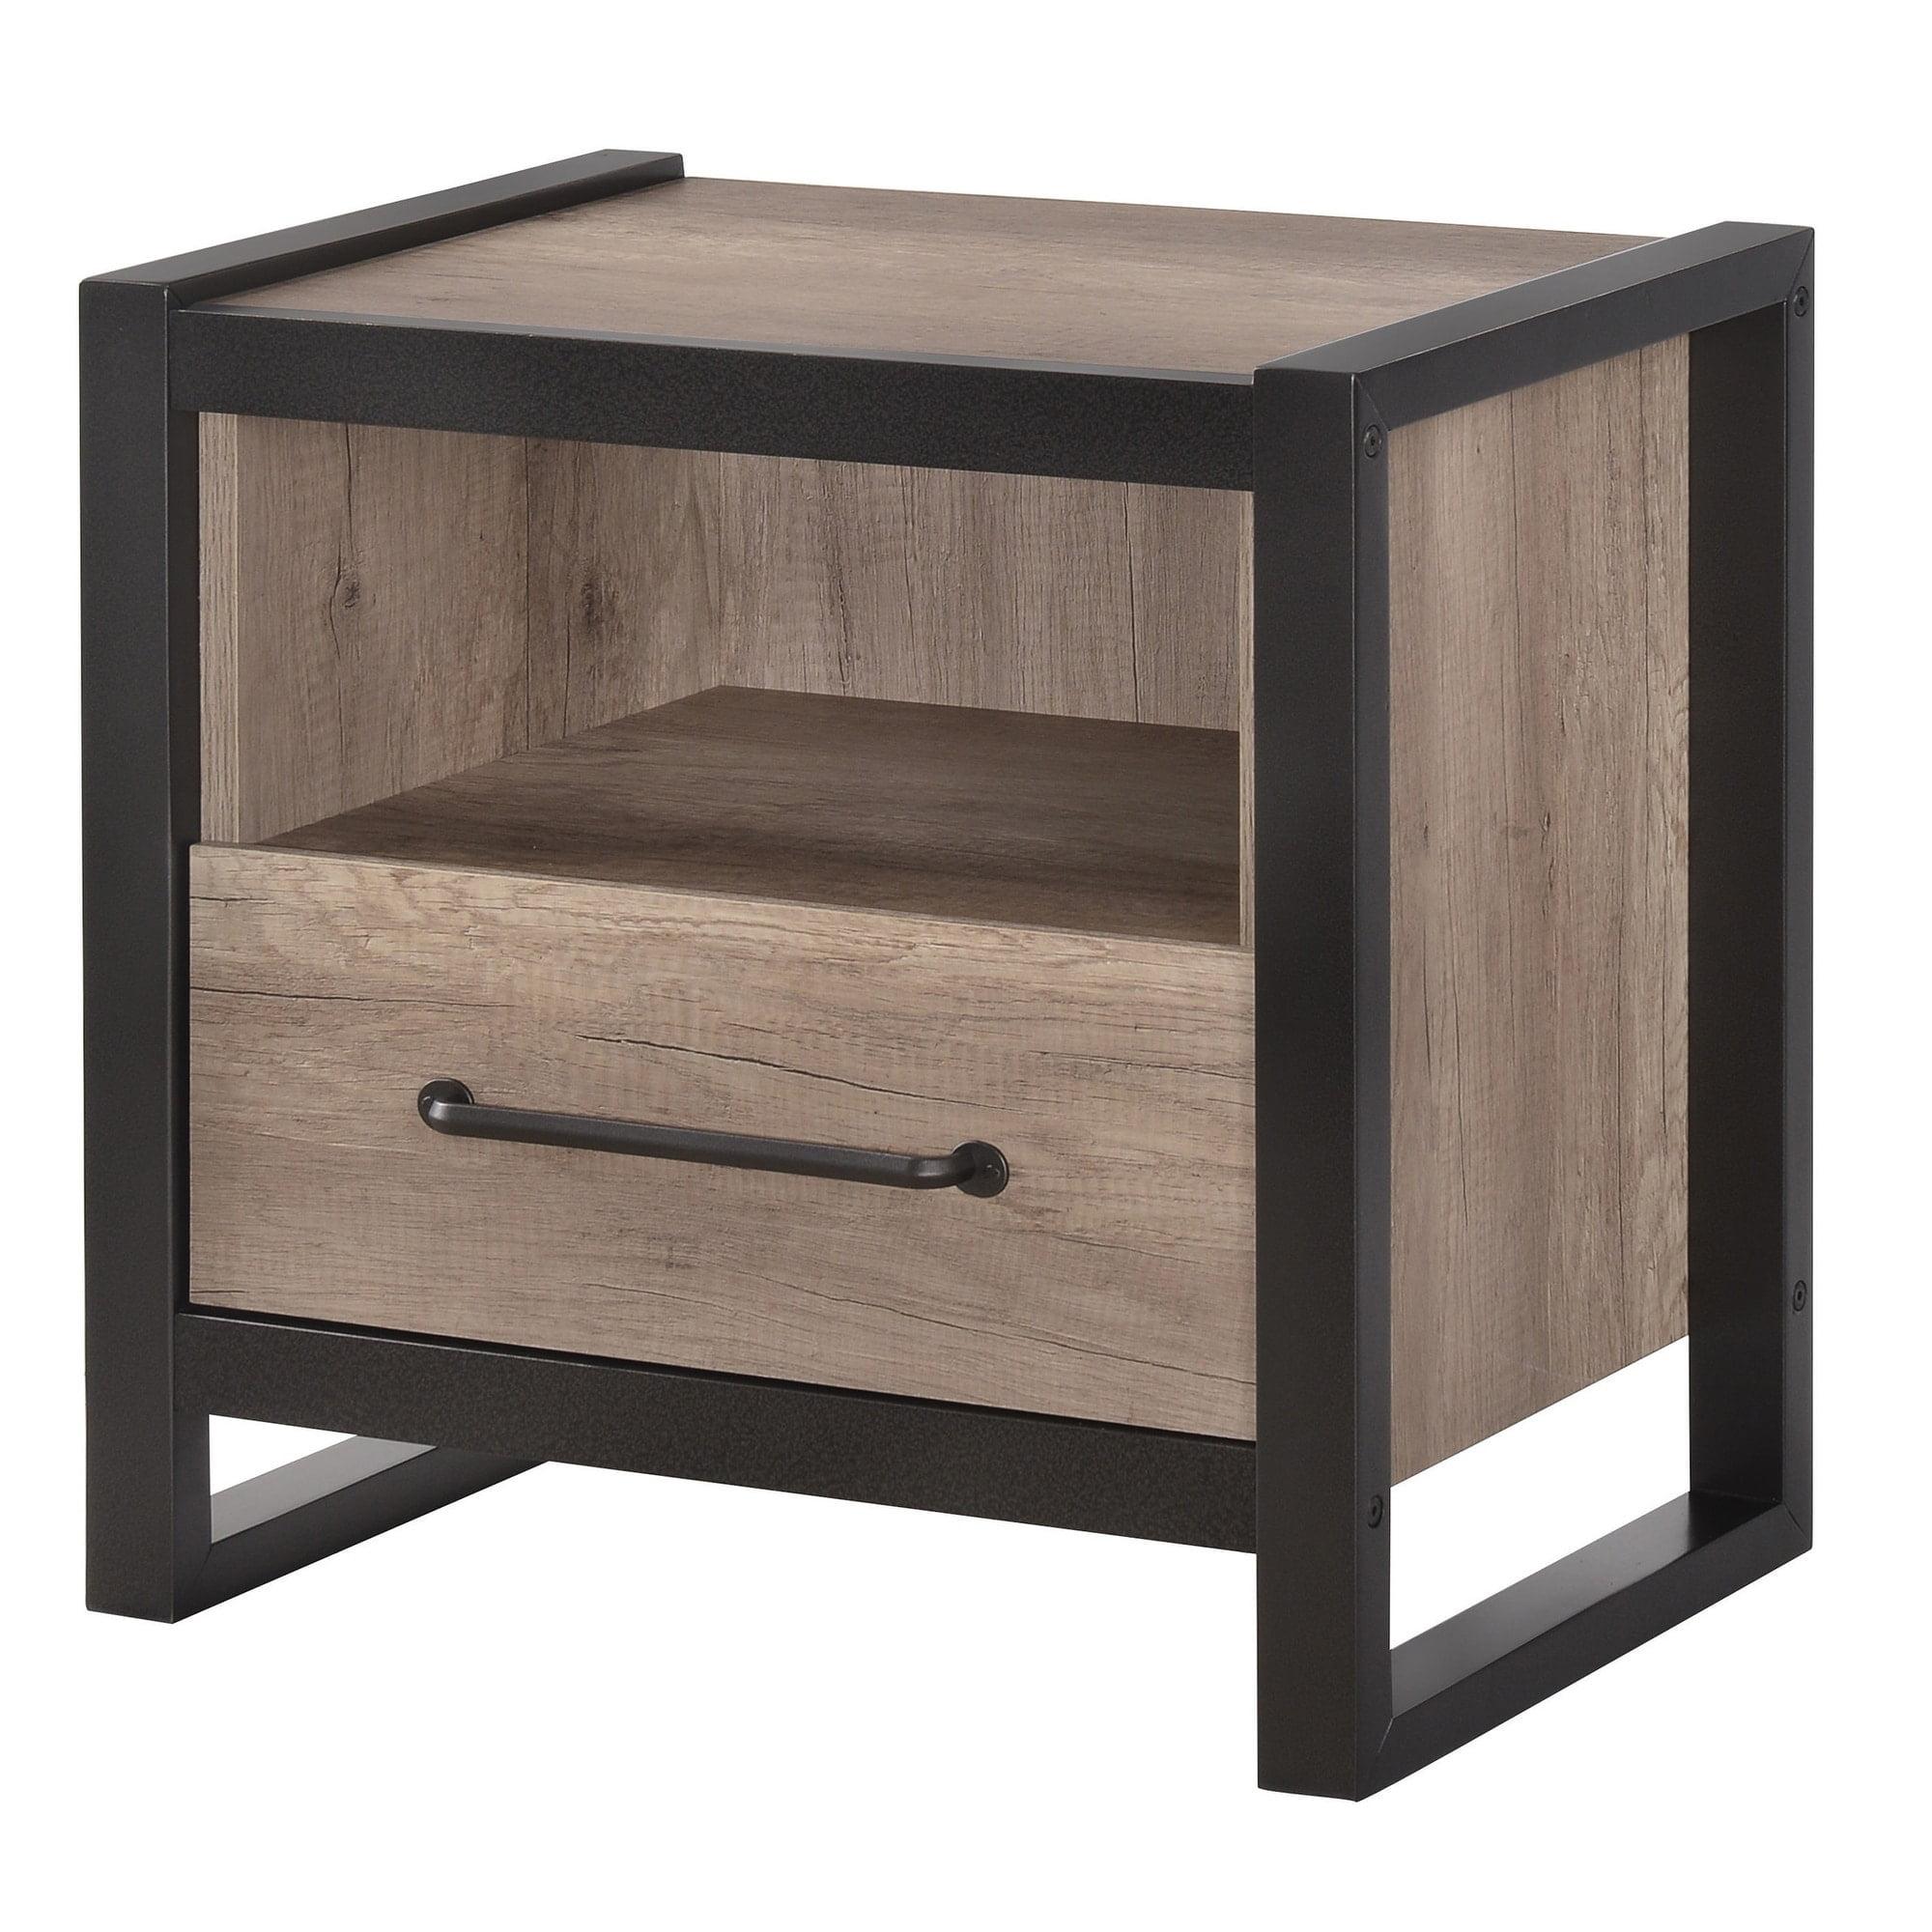 Wood & Metal Nightstand, Natural Oak Brown & Black